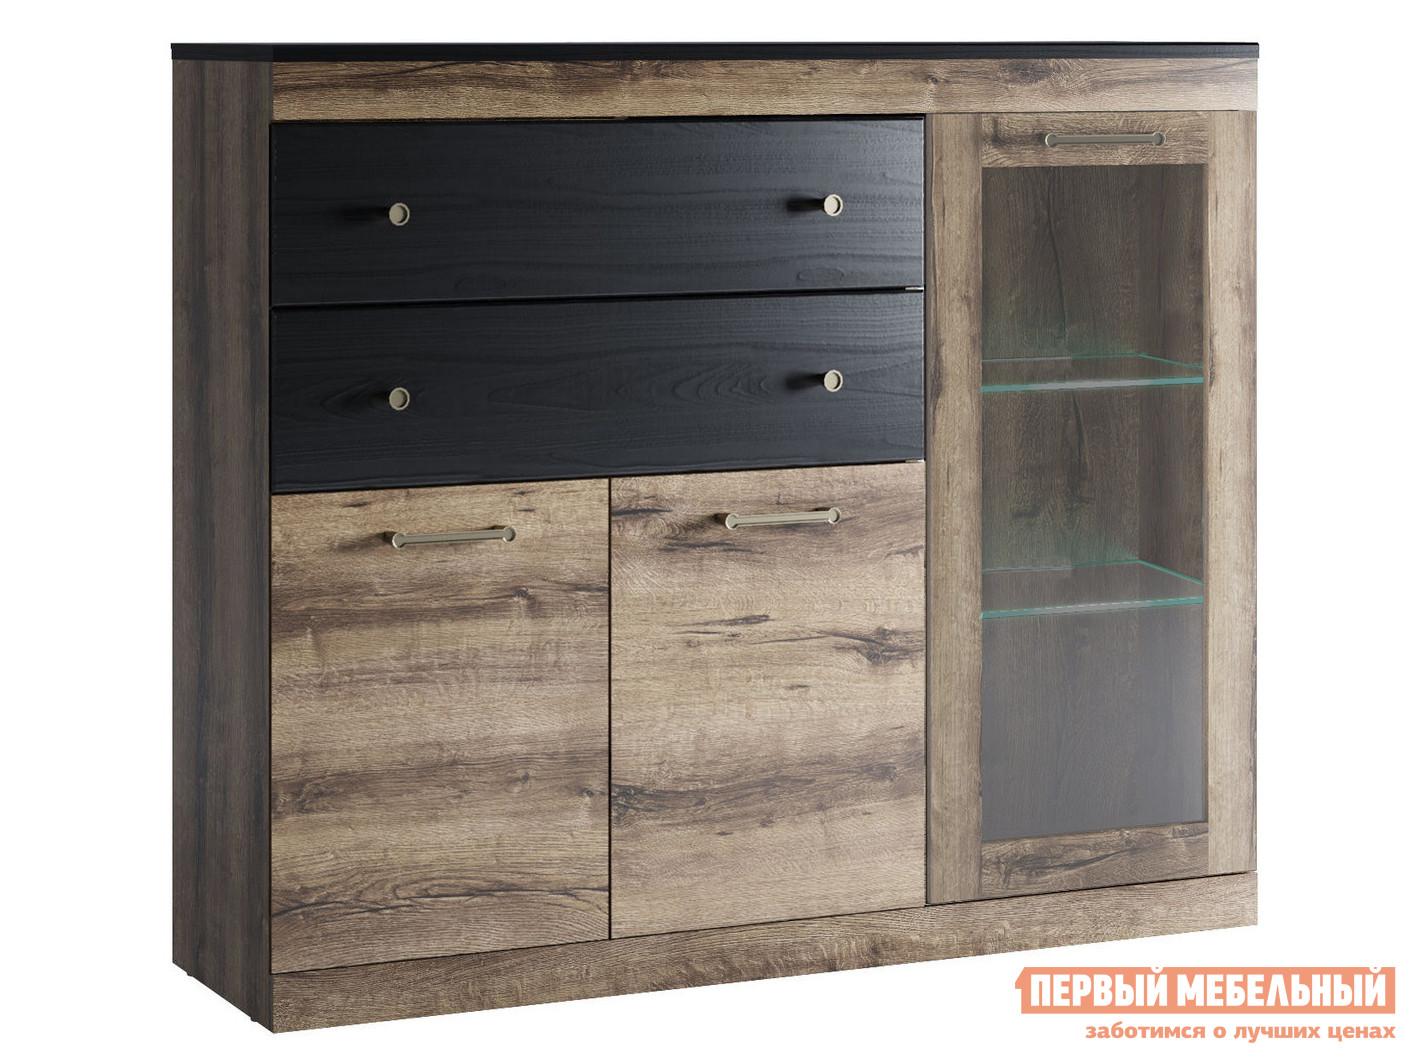 Шкаф-витрина Первый Мебельный Шкаф Джагер 6